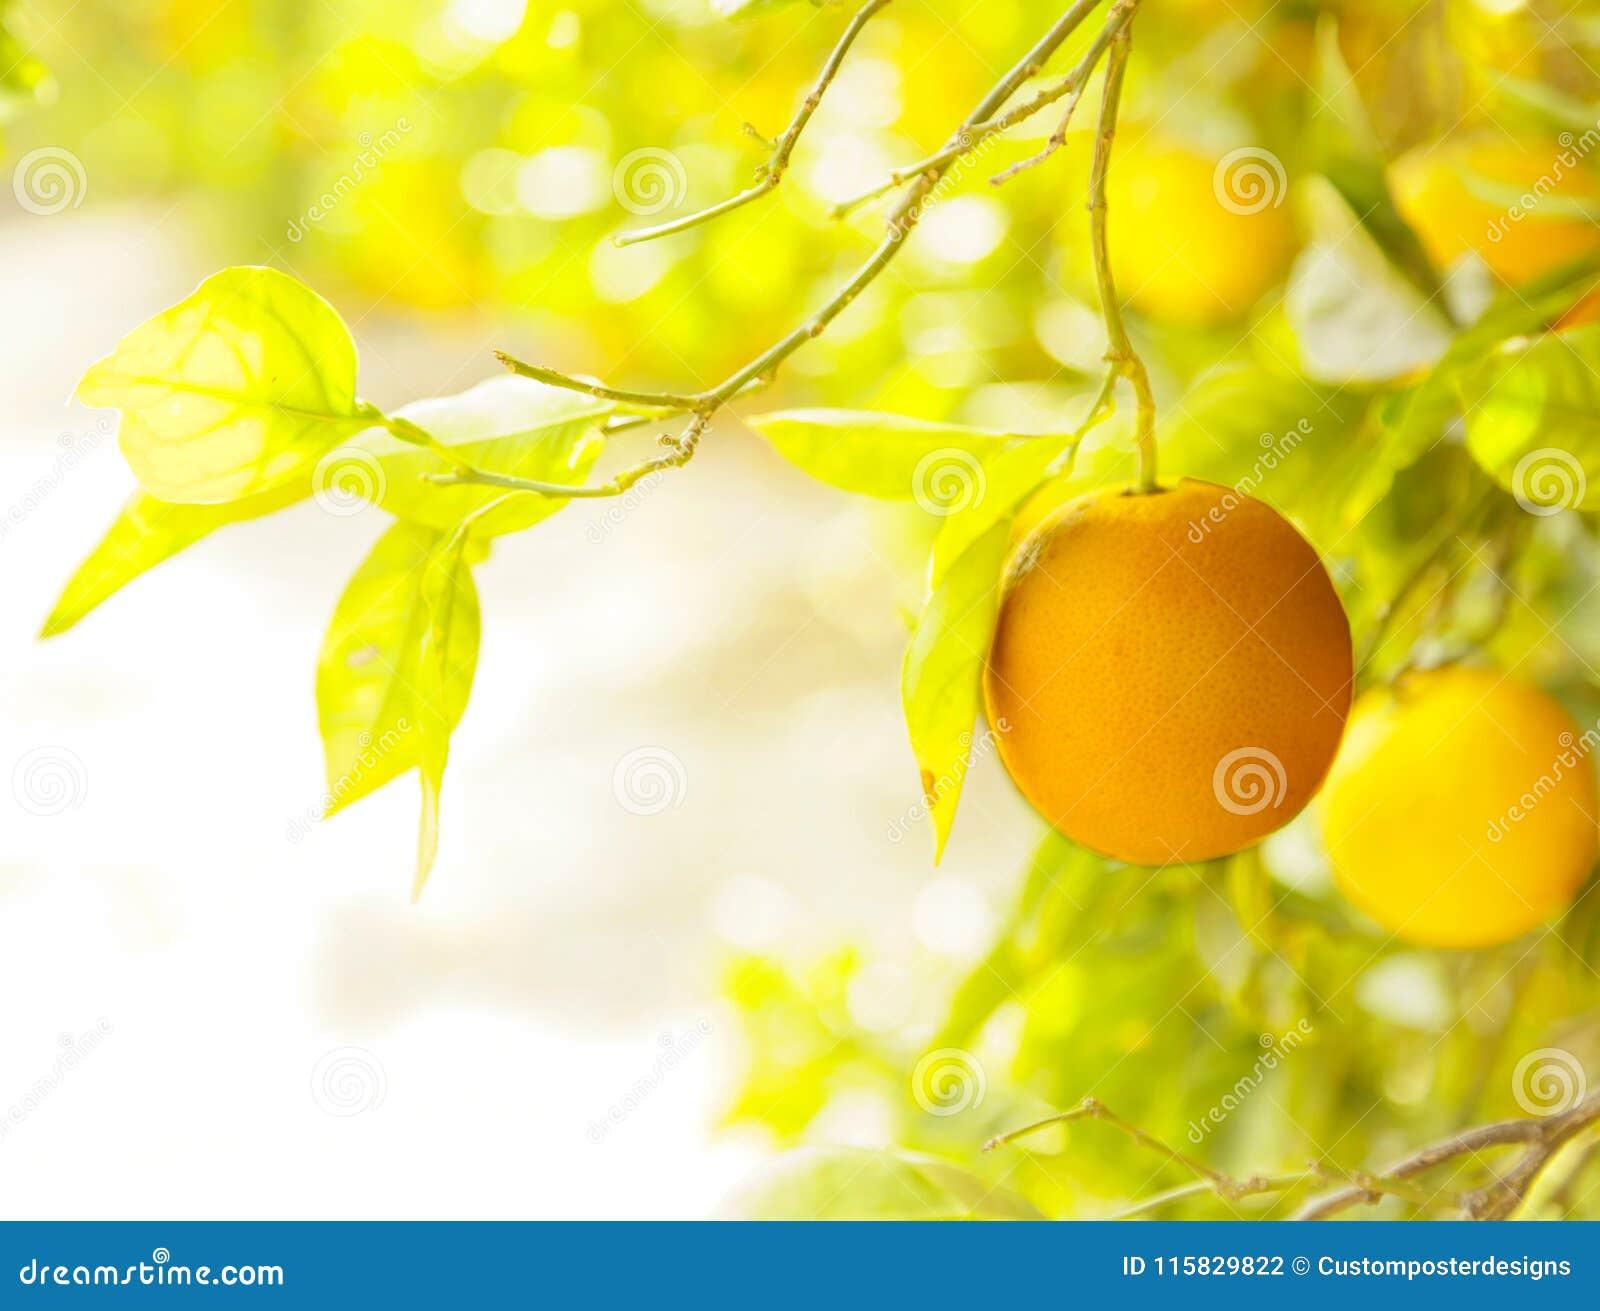 Orange orchard.